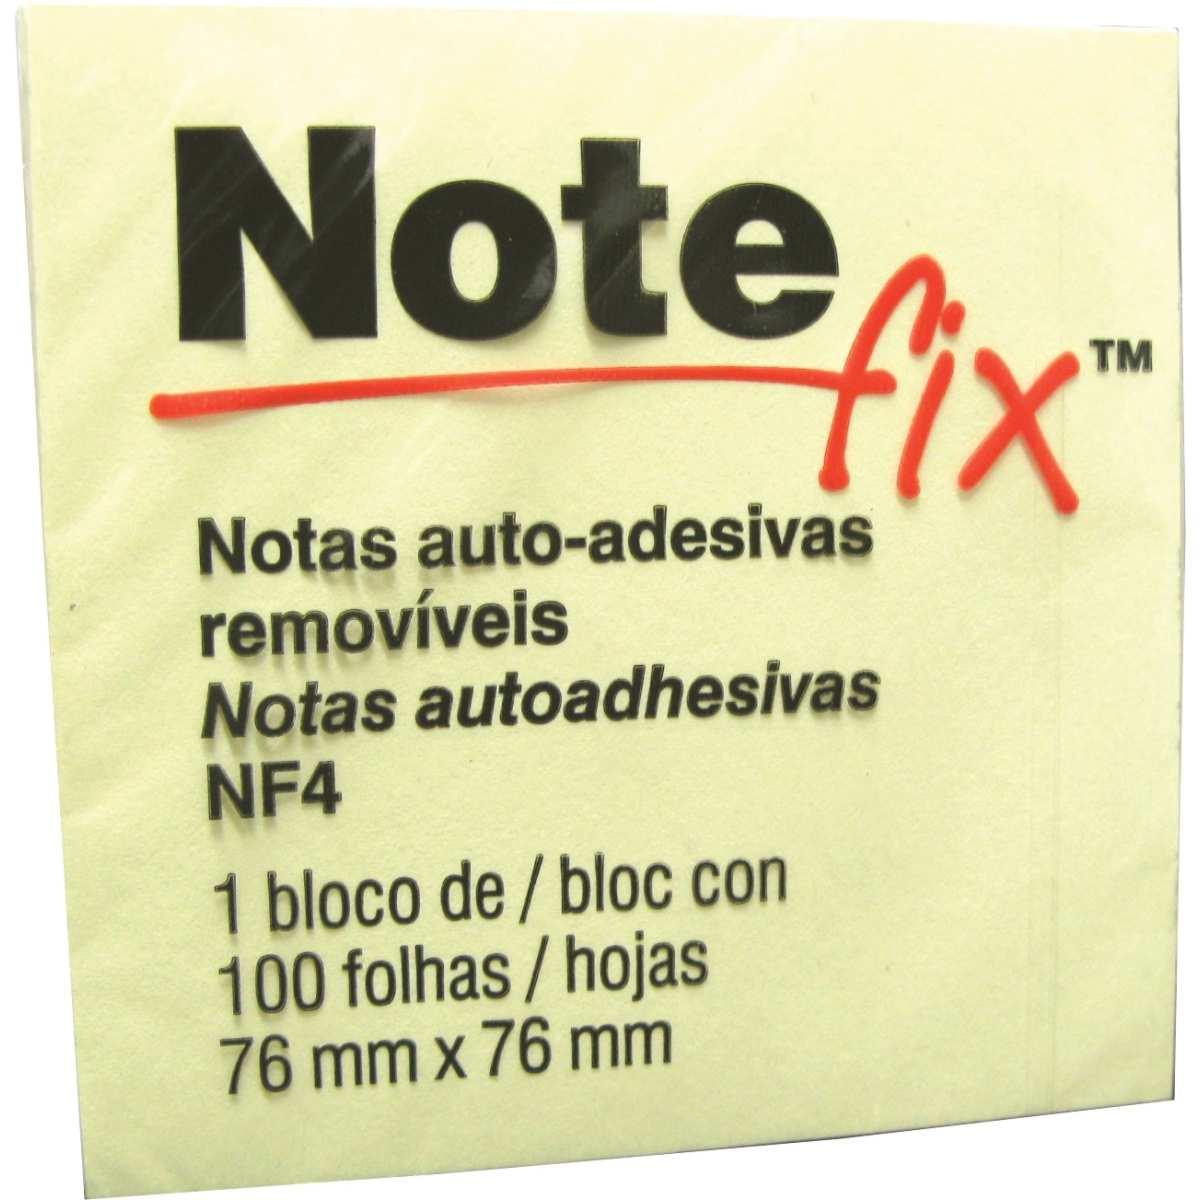 BLOCO RECADO ADESIVO NOTEFIX 653 76MM X 76MM AMARELO